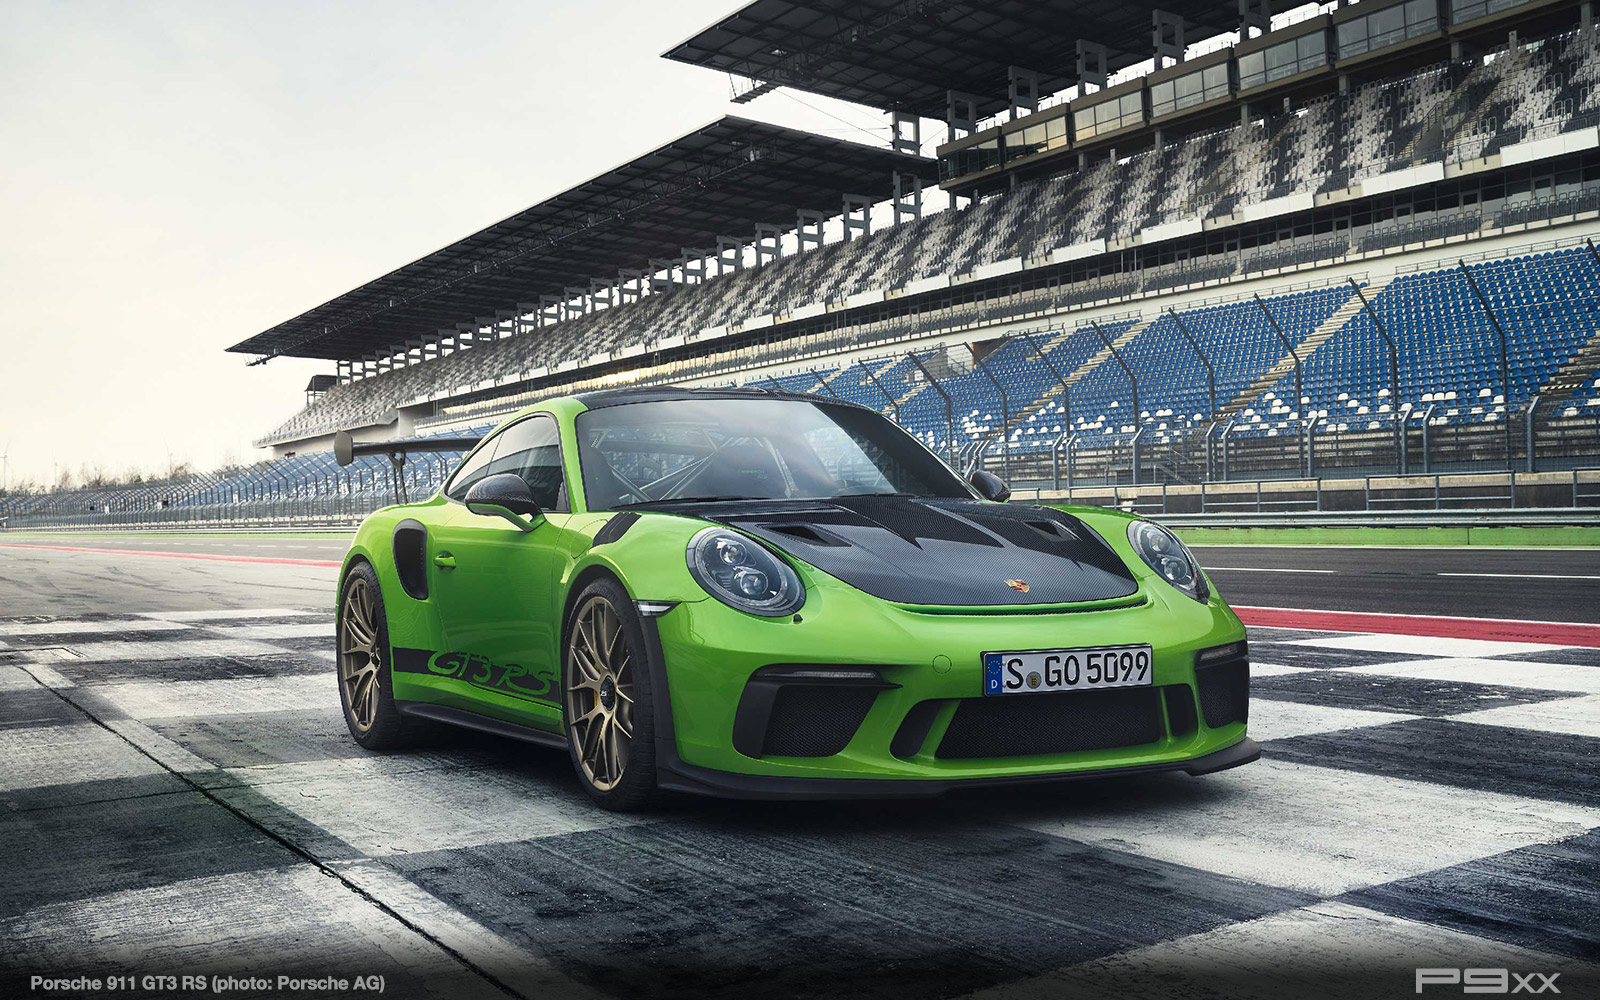 Porsche-911-GT3-RS-991-2-9912-286